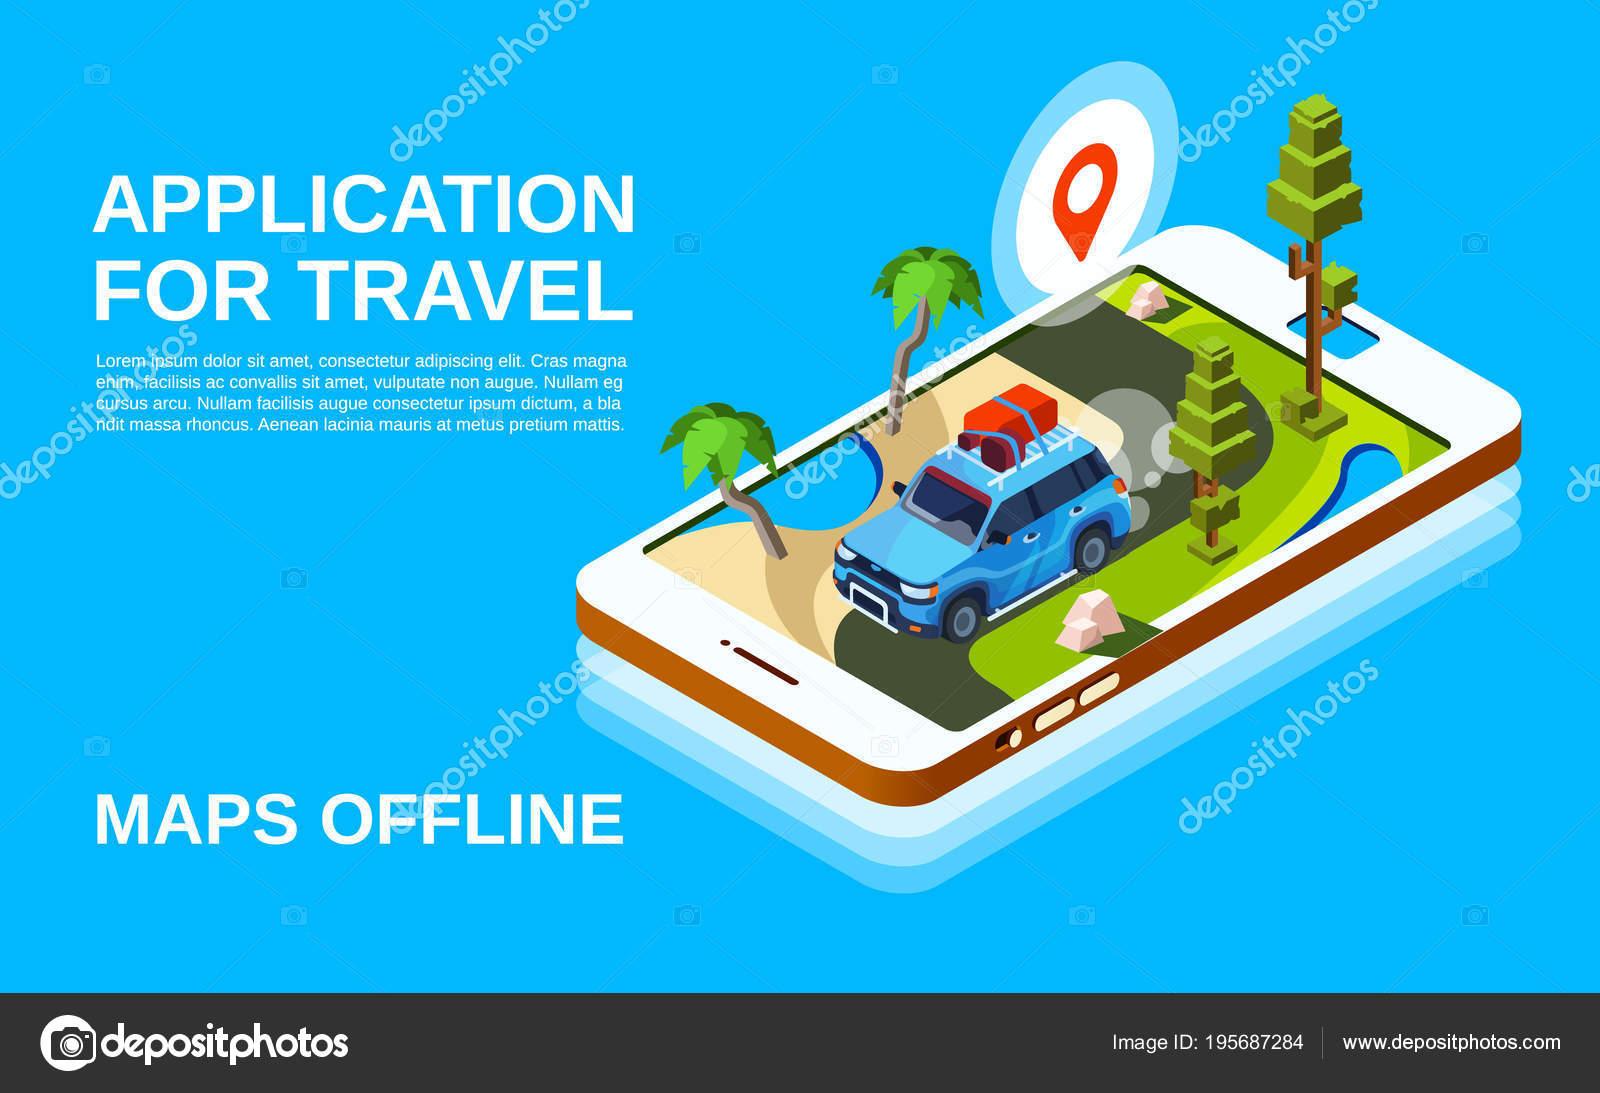 Офлайн карты для ios: выбираем лучшее приложение.